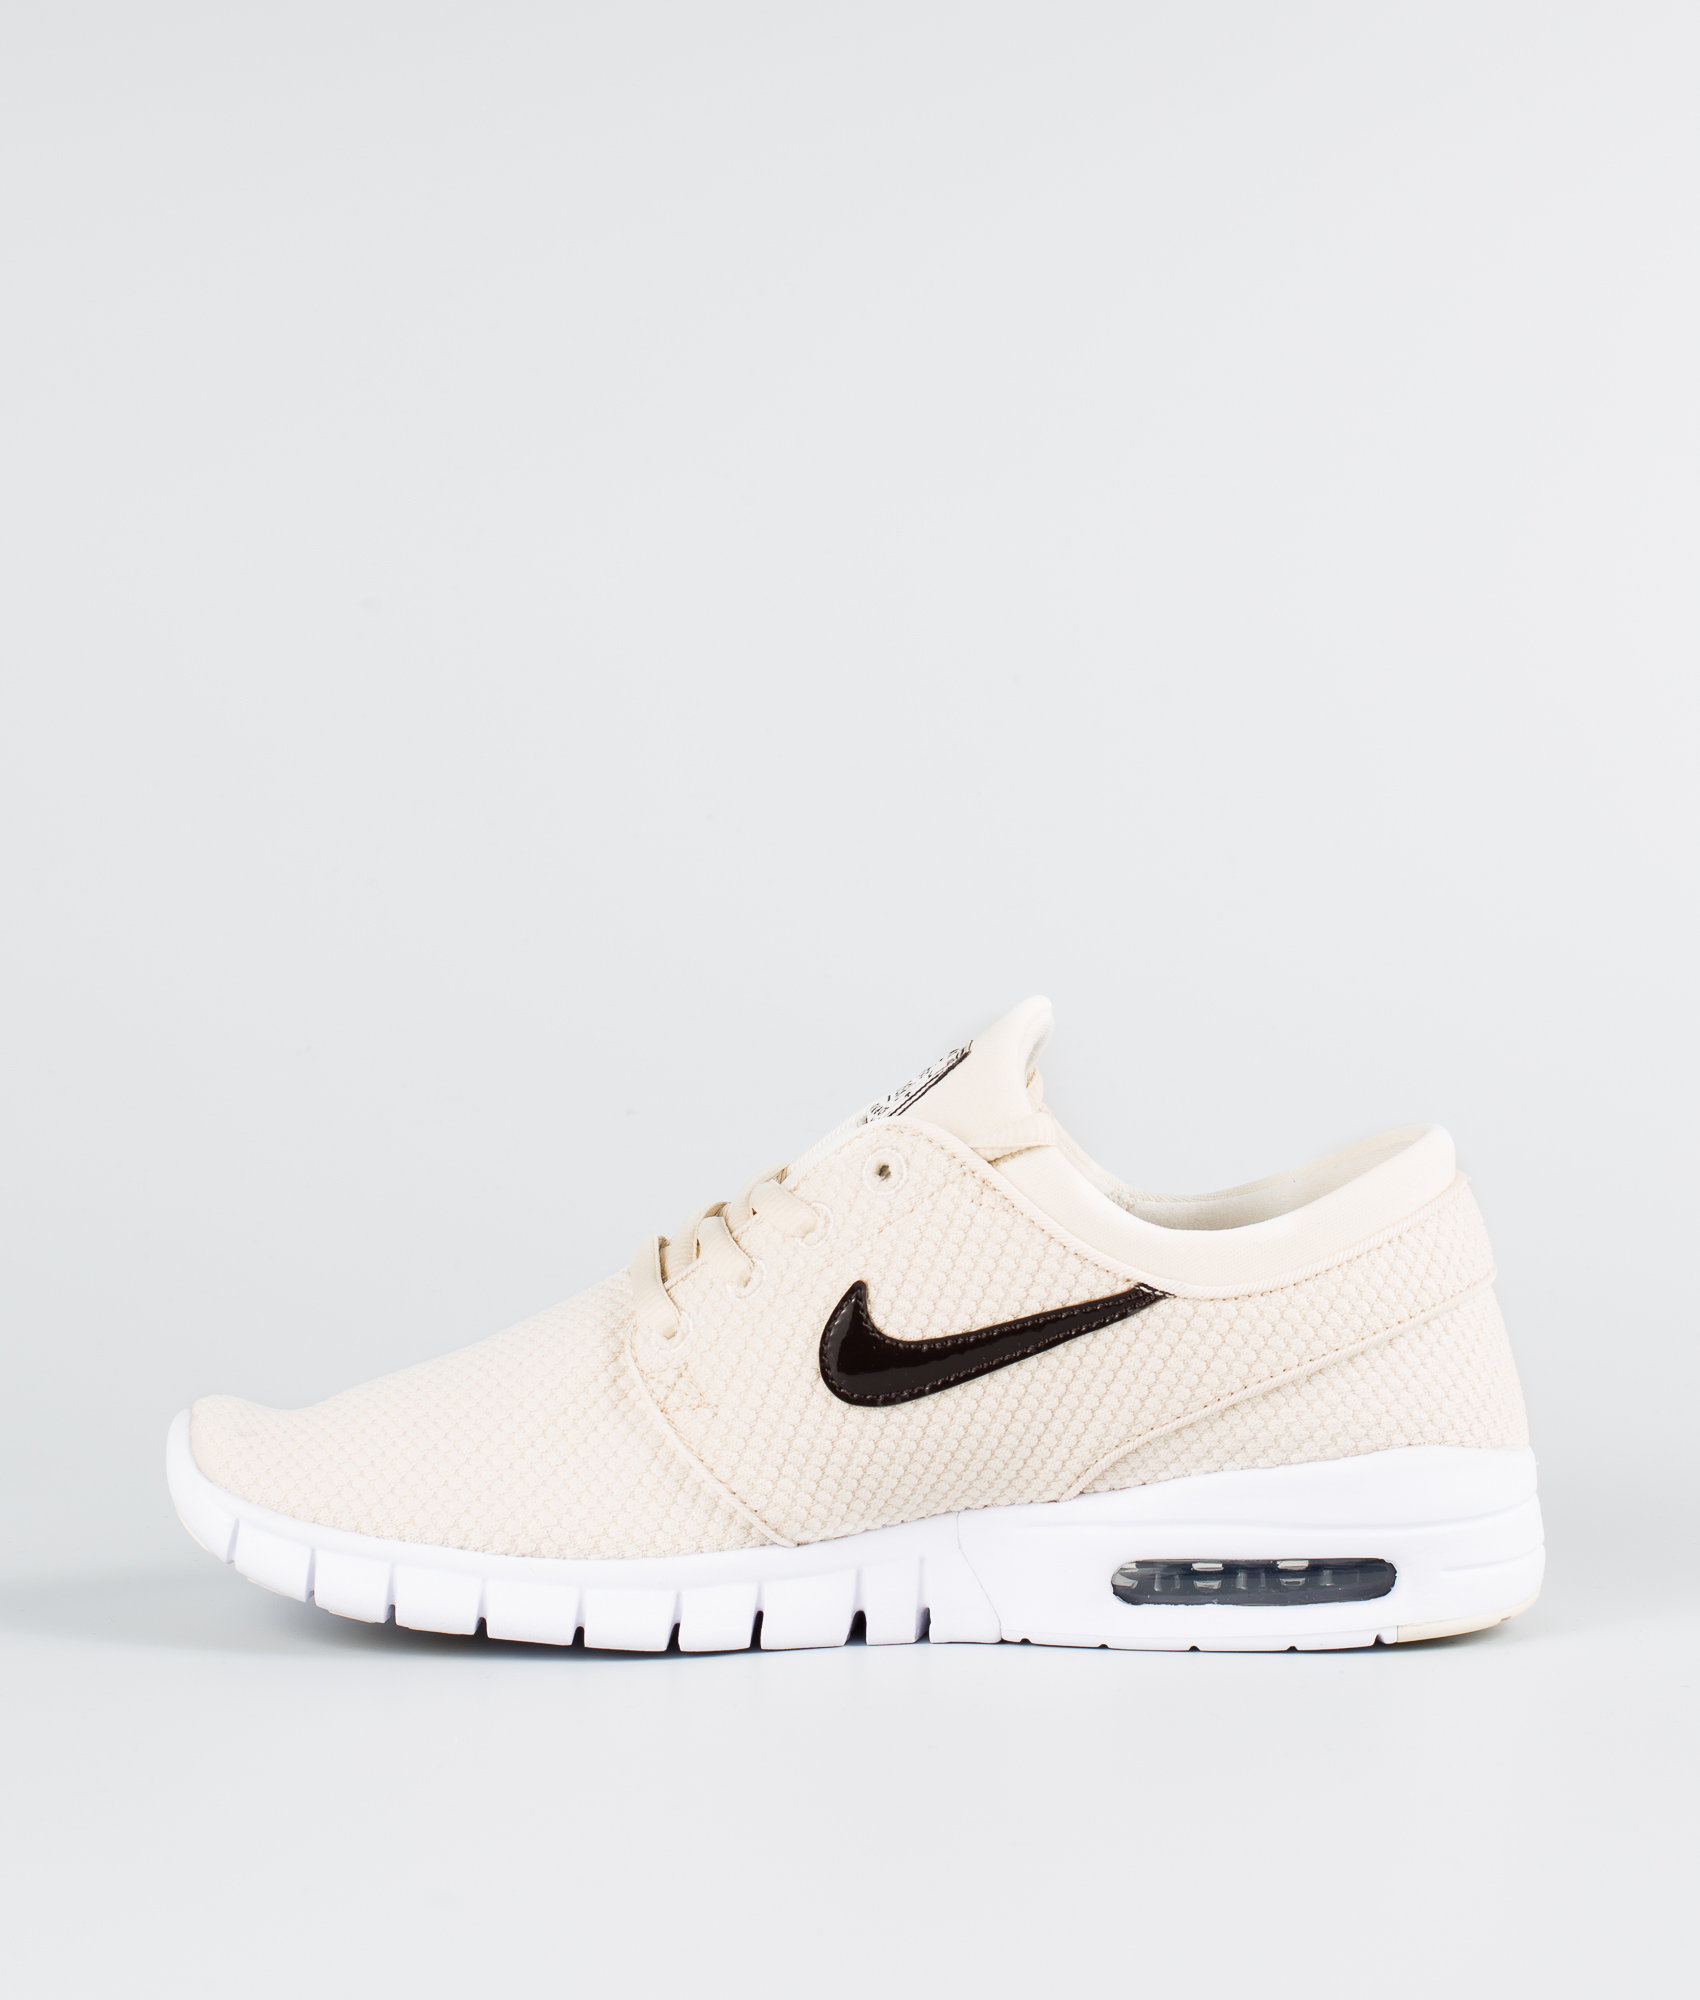 Nike Stefan Janoski Max Schuhe Light CreamVelvet Brown White